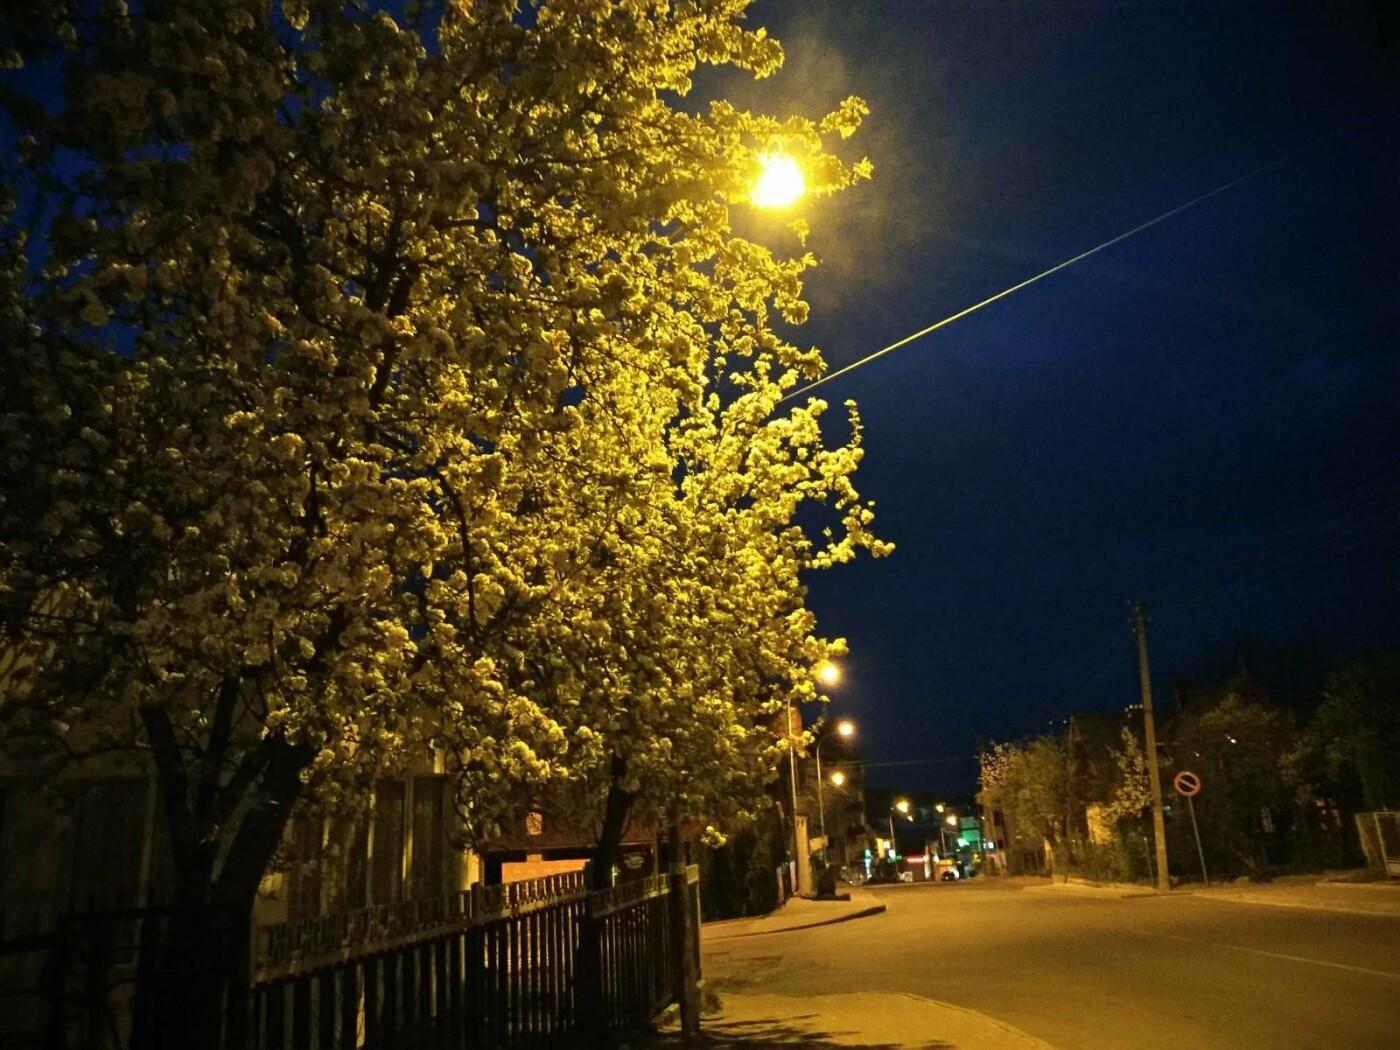 Дивовижний Трускавець: вечірній фотоогляд центральної частини міста-курорту, фото-8, Фото - 03247.com.ua